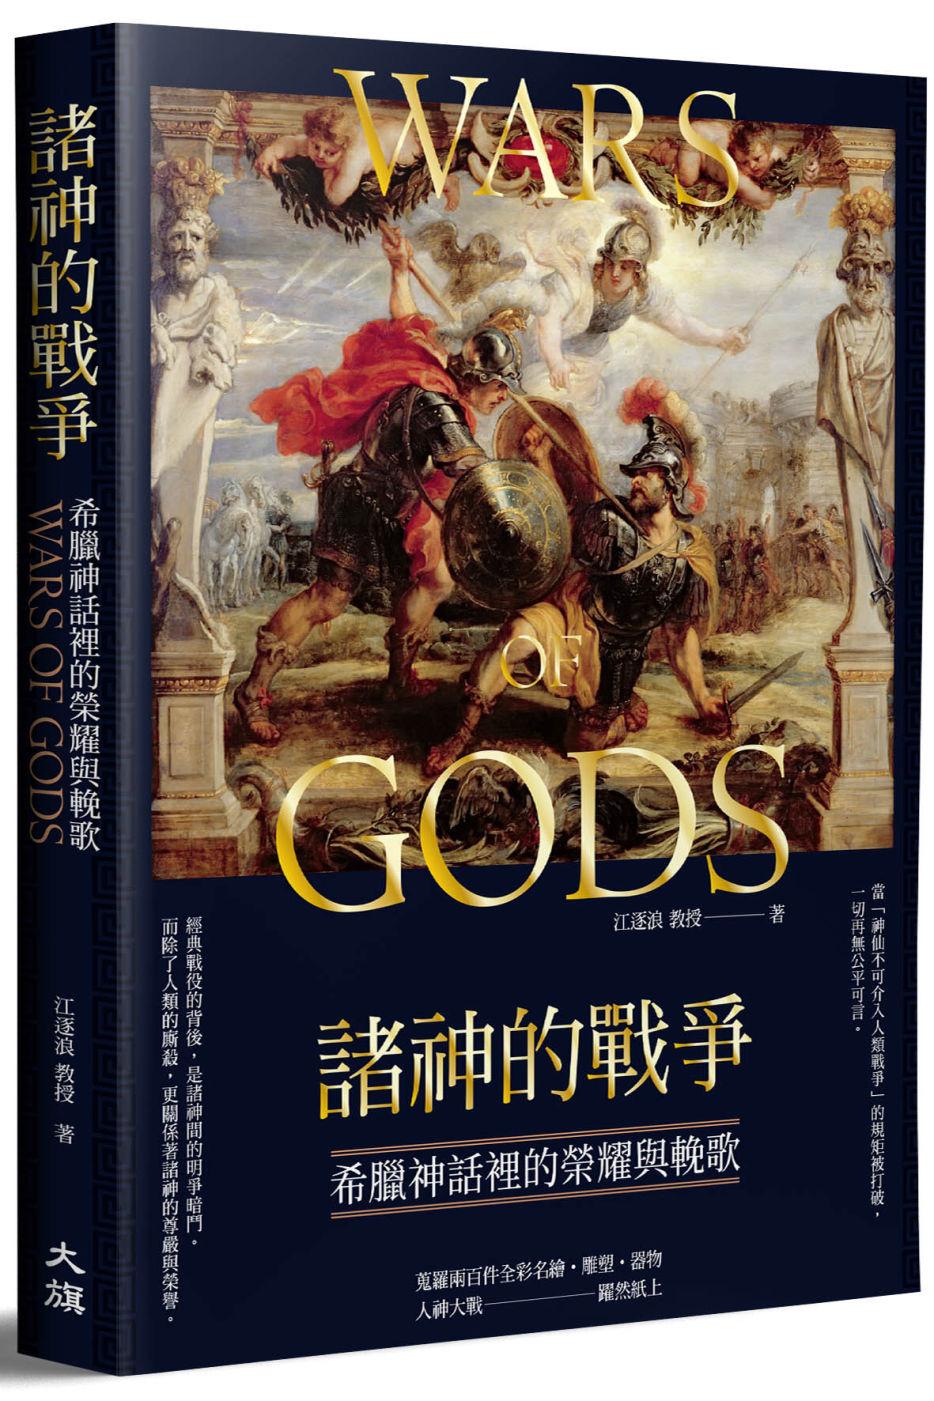 諸神的戰爭:希臘神話裡的榮耀與...